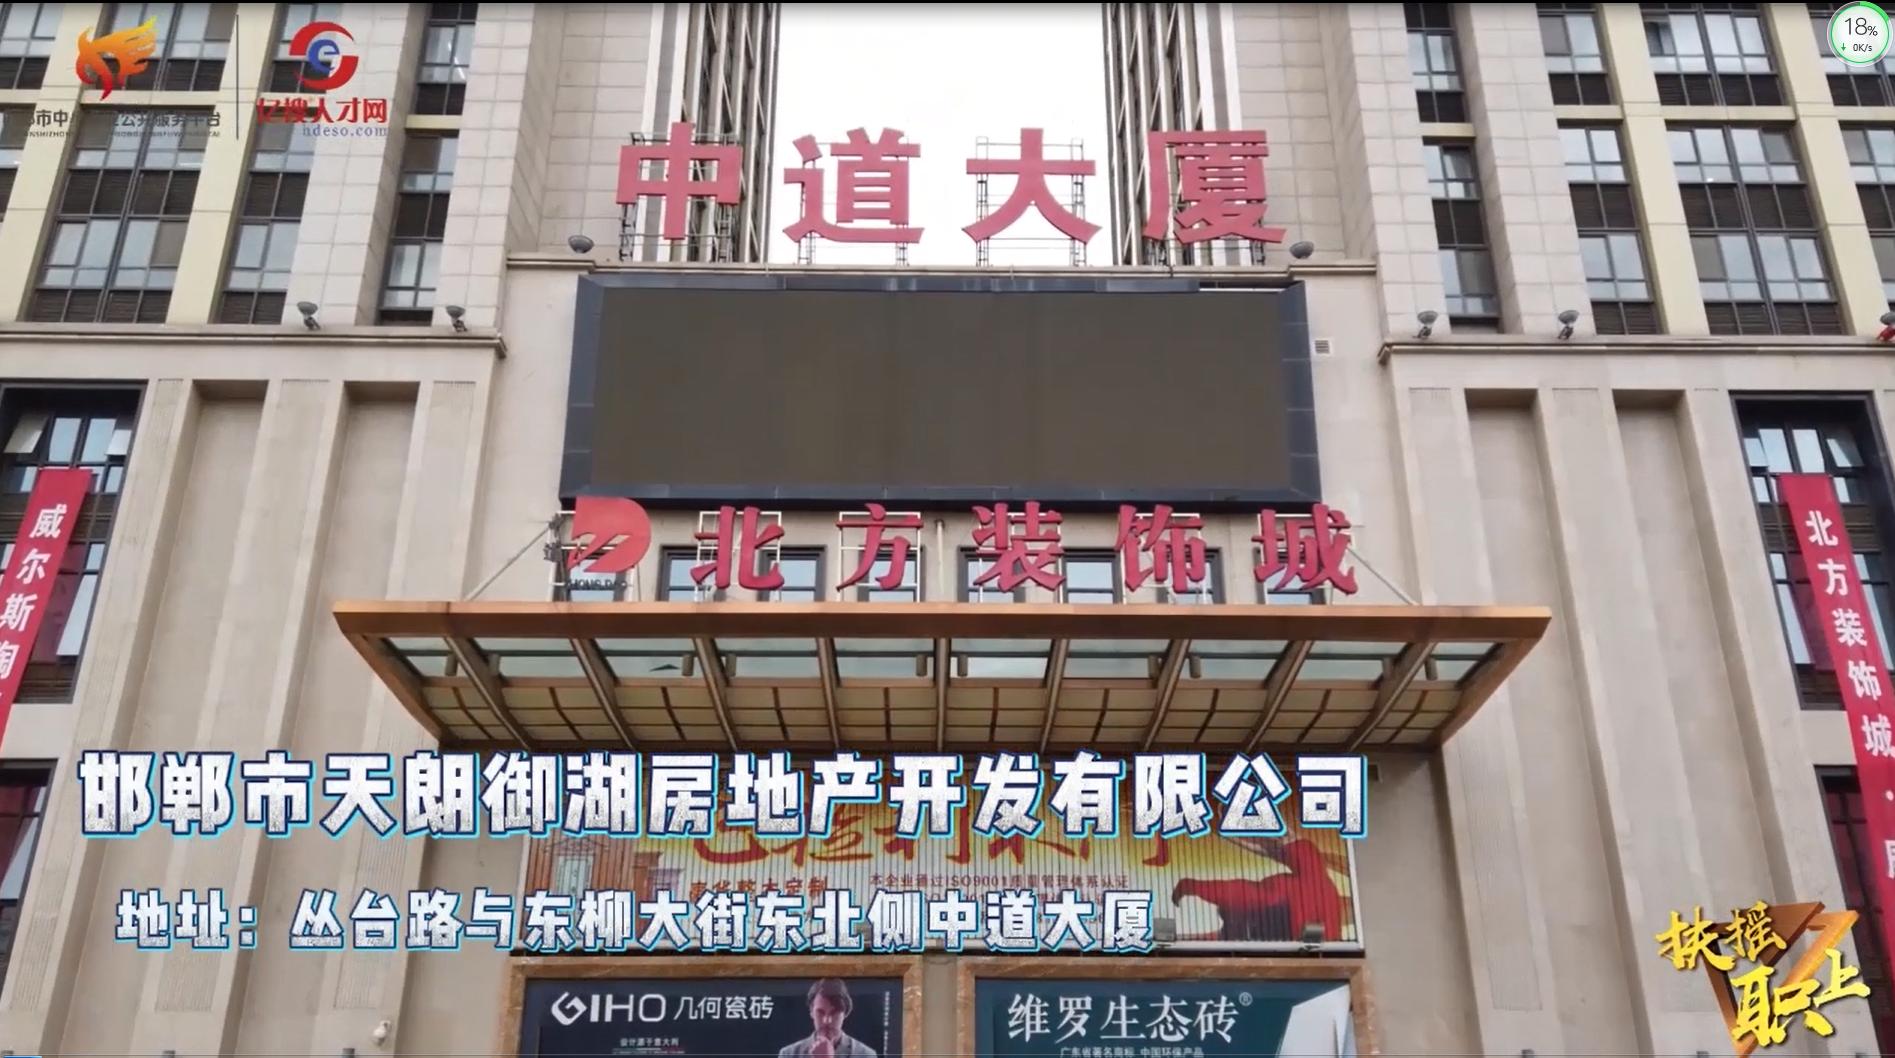 邯郸市天朗御湖房地产开发有限公司